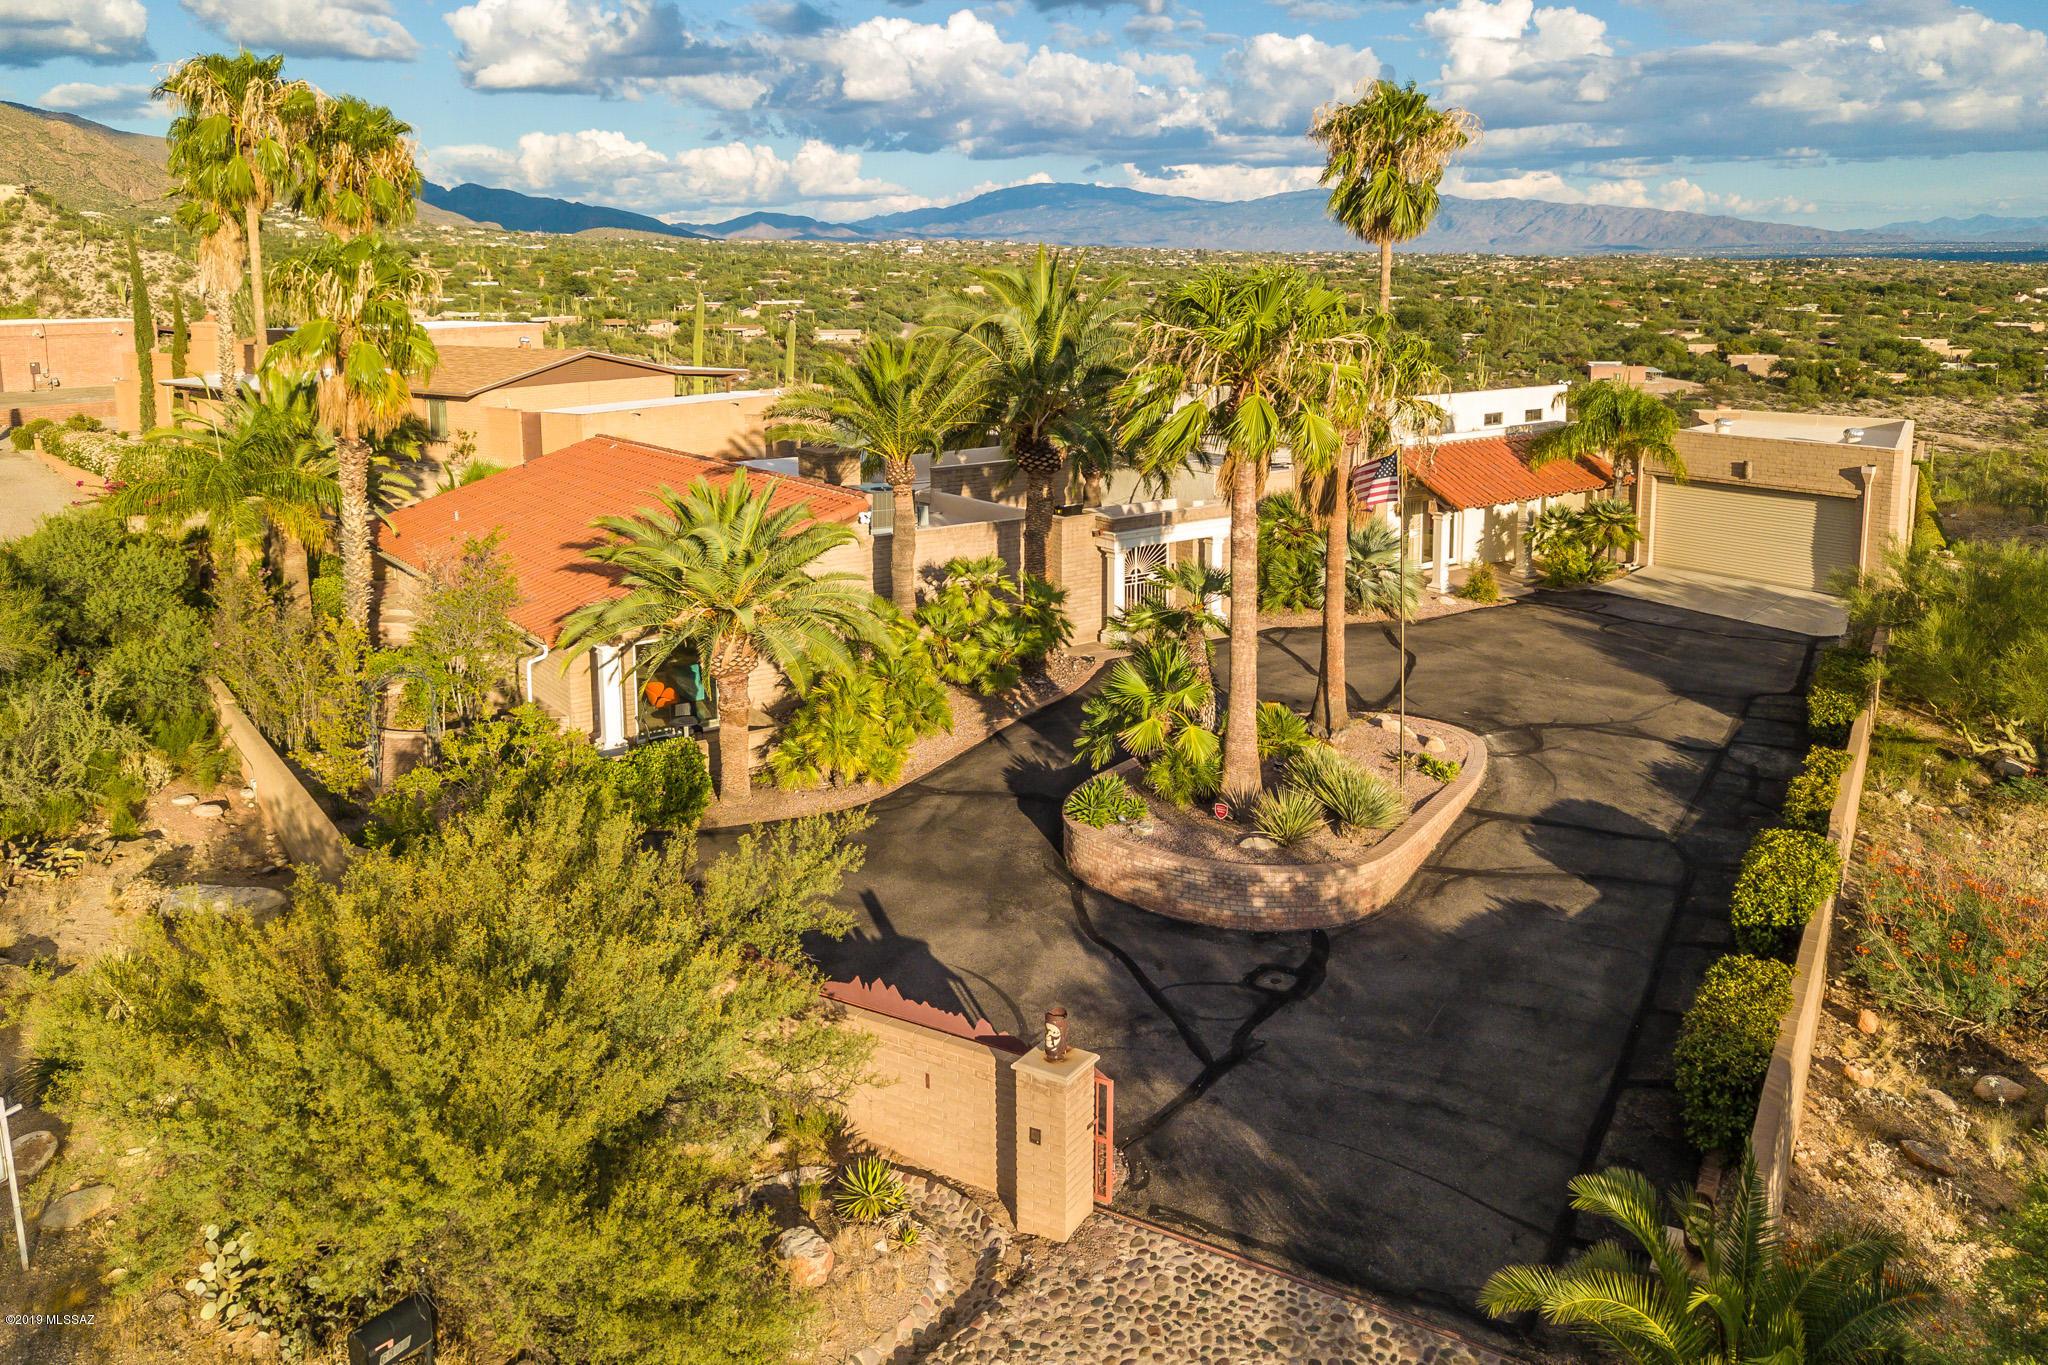 Photo of 6802 N Table Mountain Road, Tucson, AZ 85718